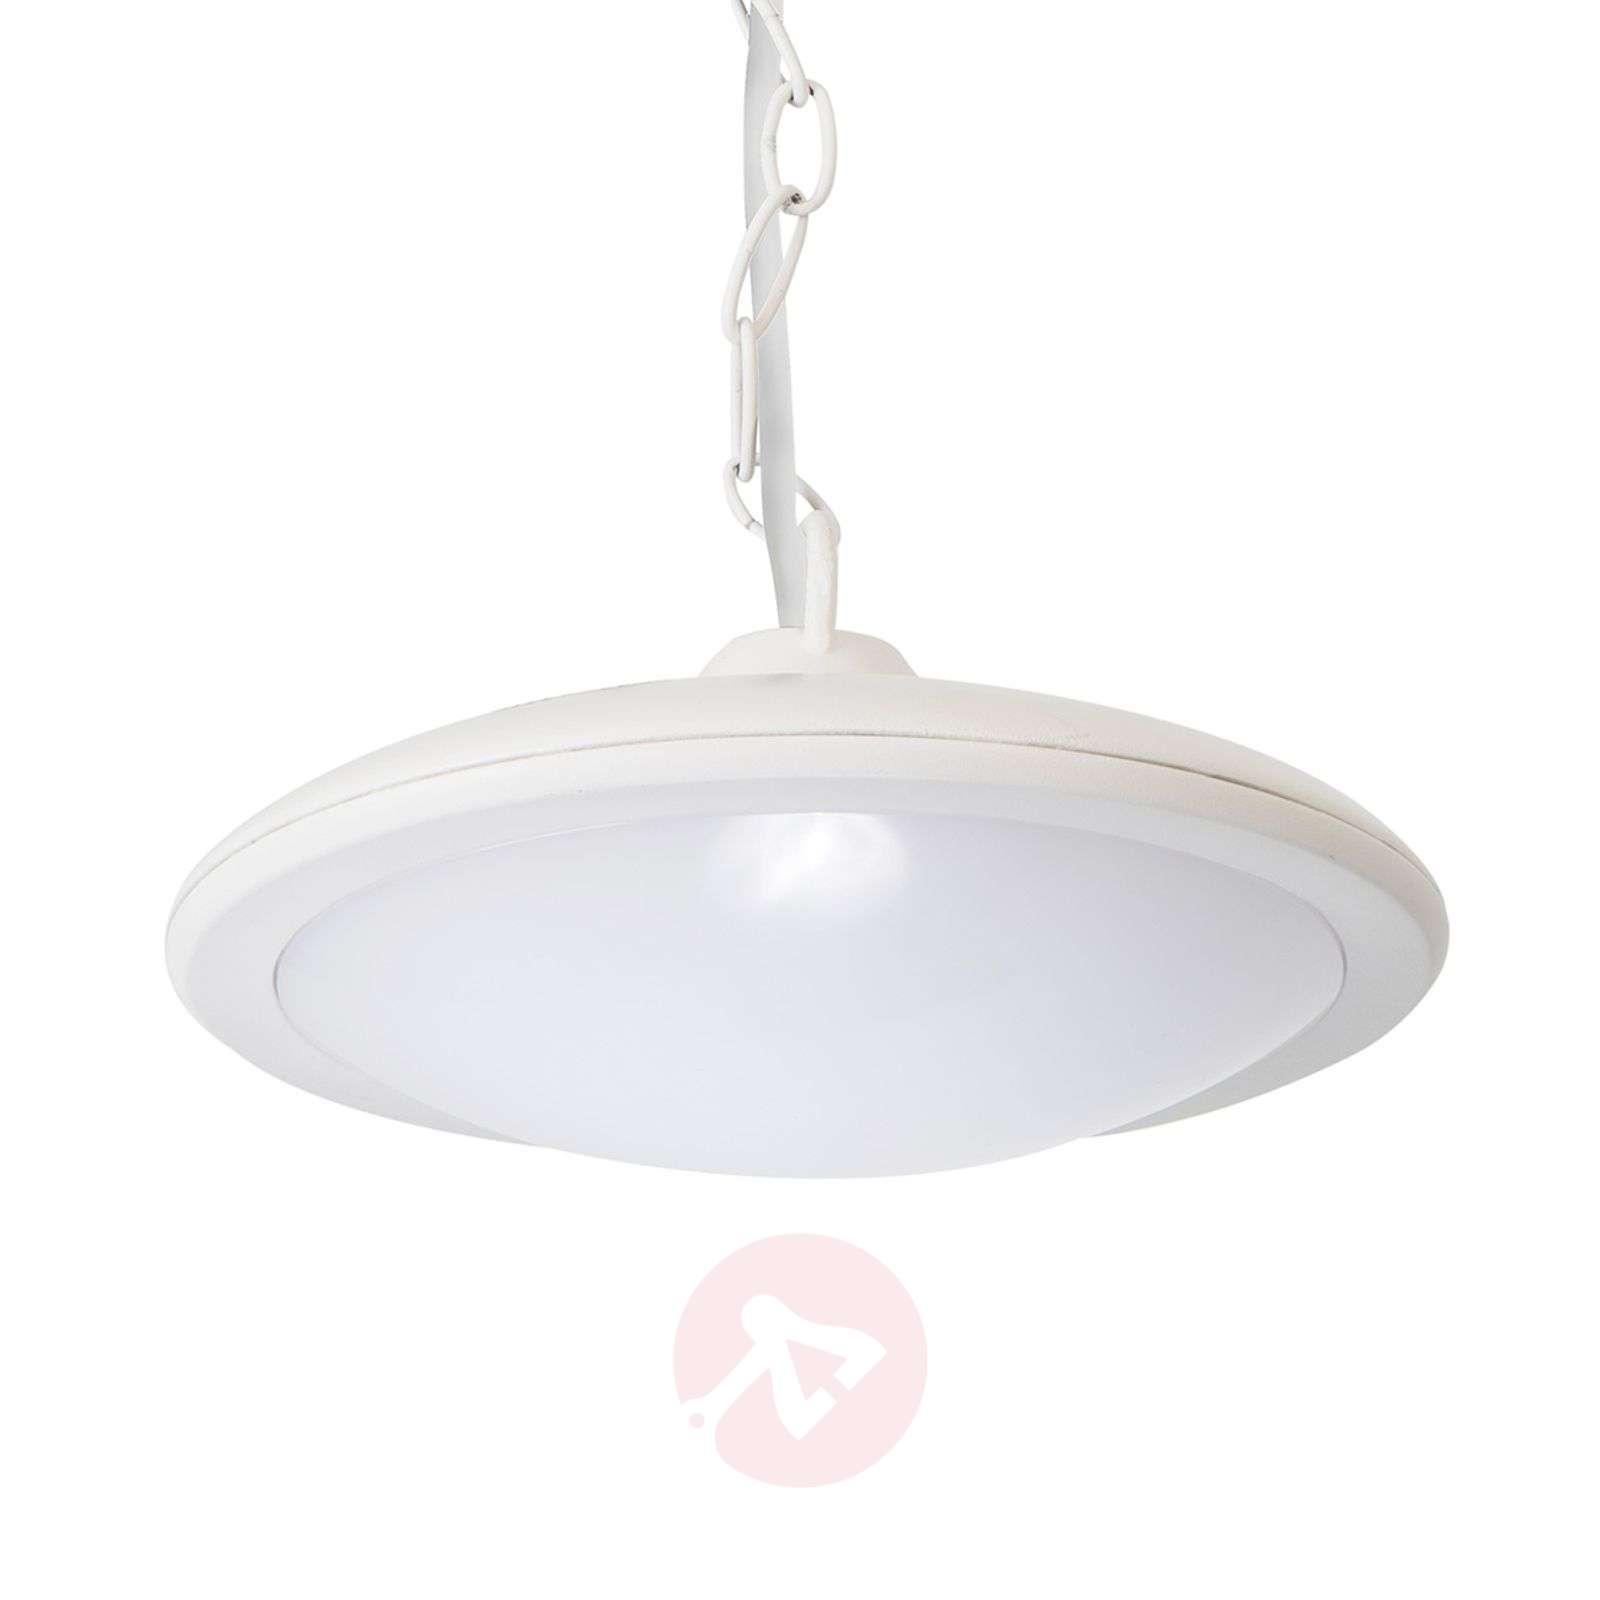 Erityinen LED-ulkoriippuvalaisin Pergola, IP44-6027429-01